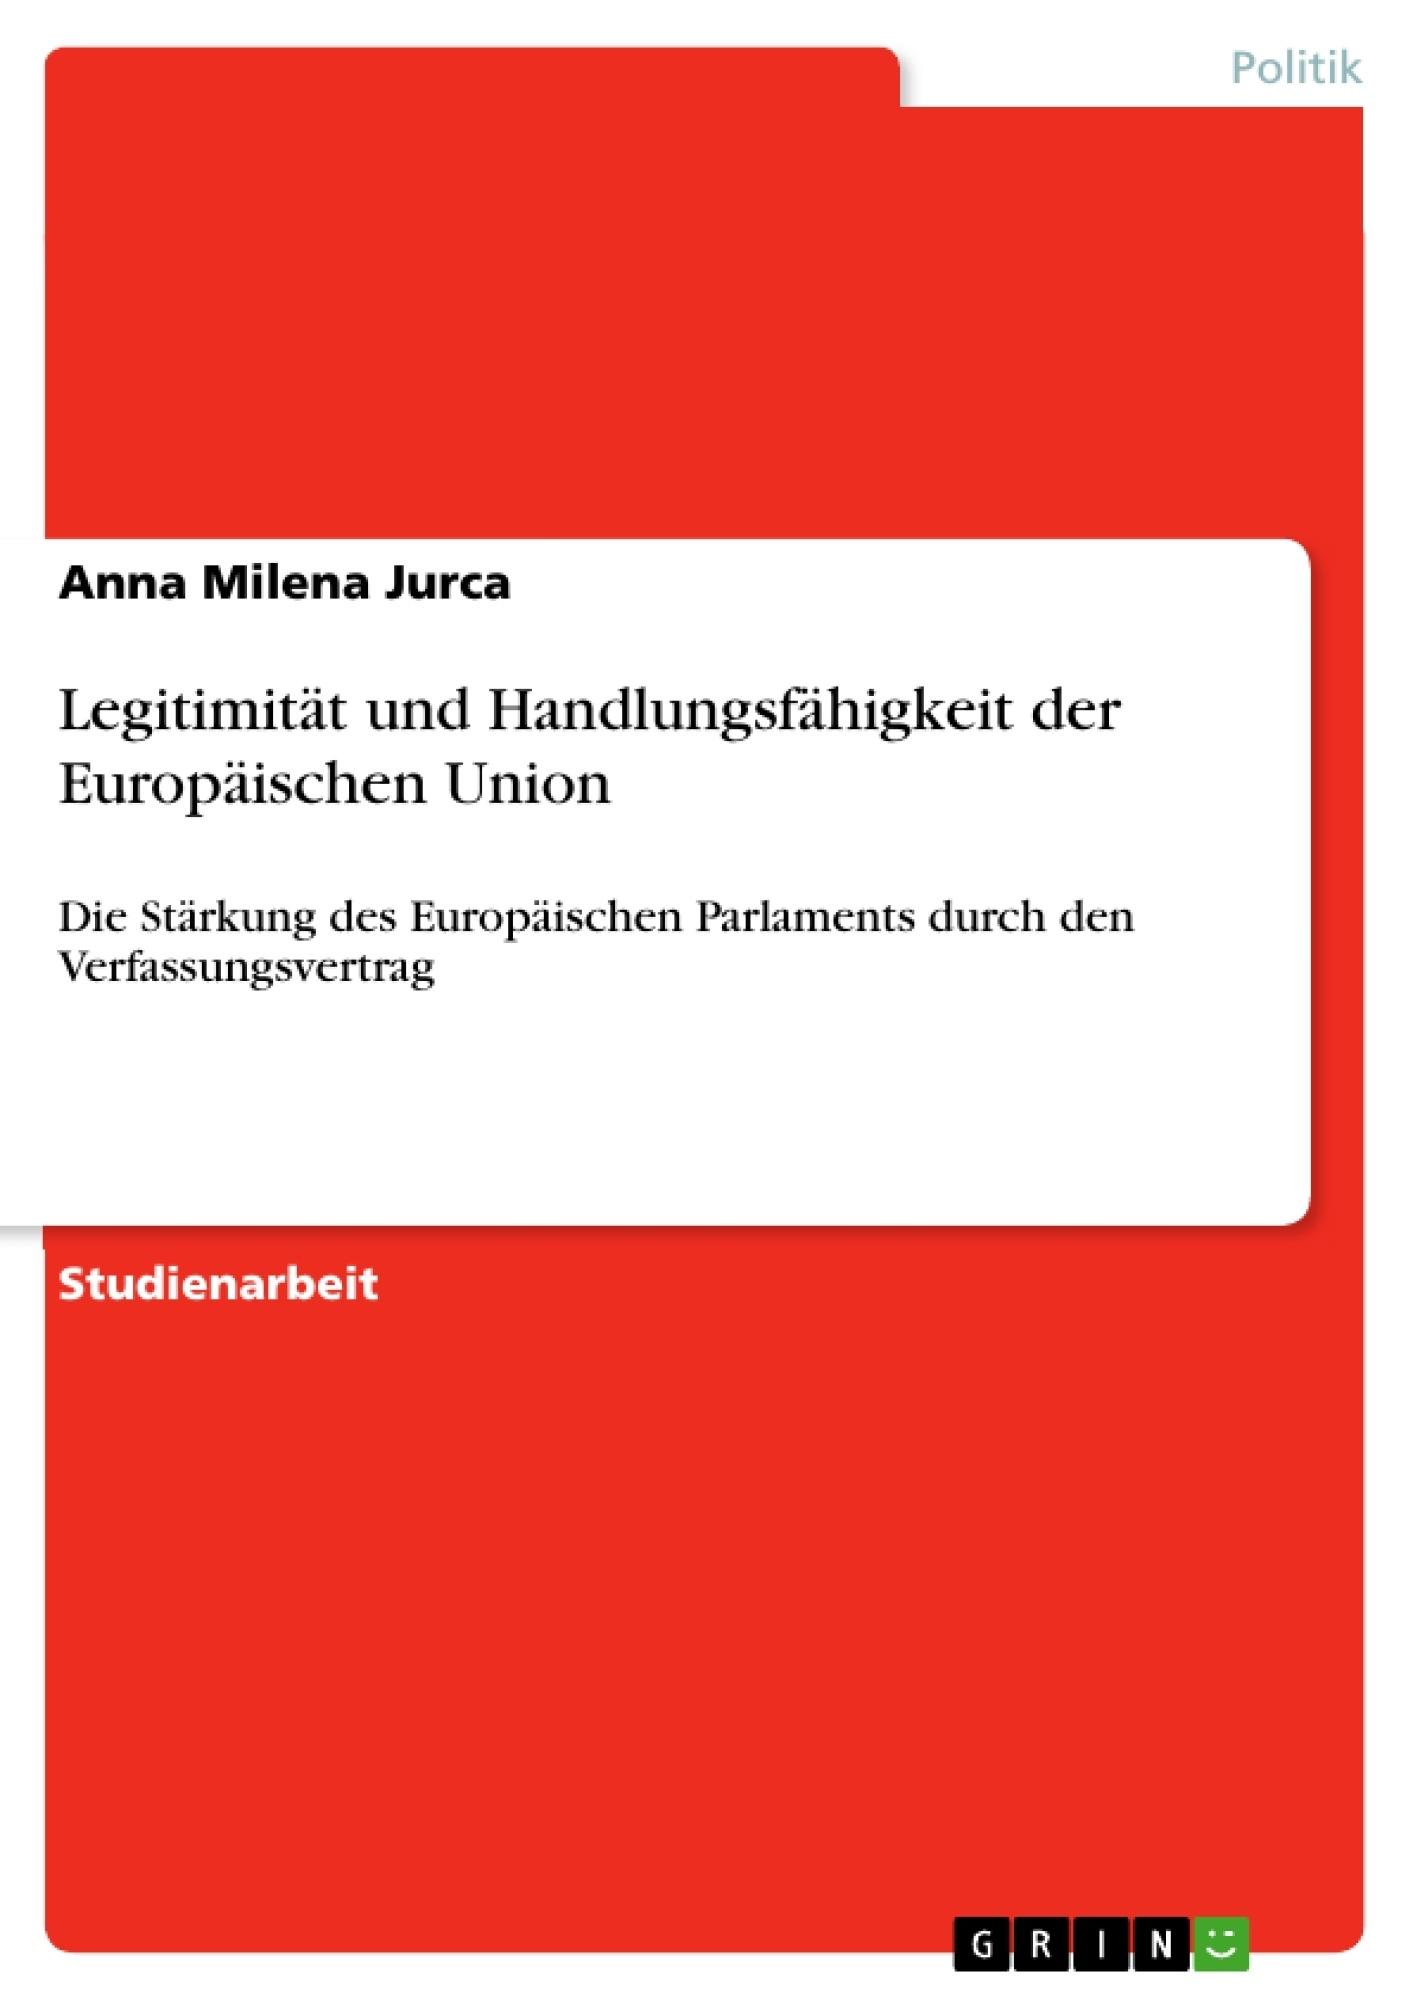 Titel: Legitimität und Handlungsfähigkeit der Europäischen Union